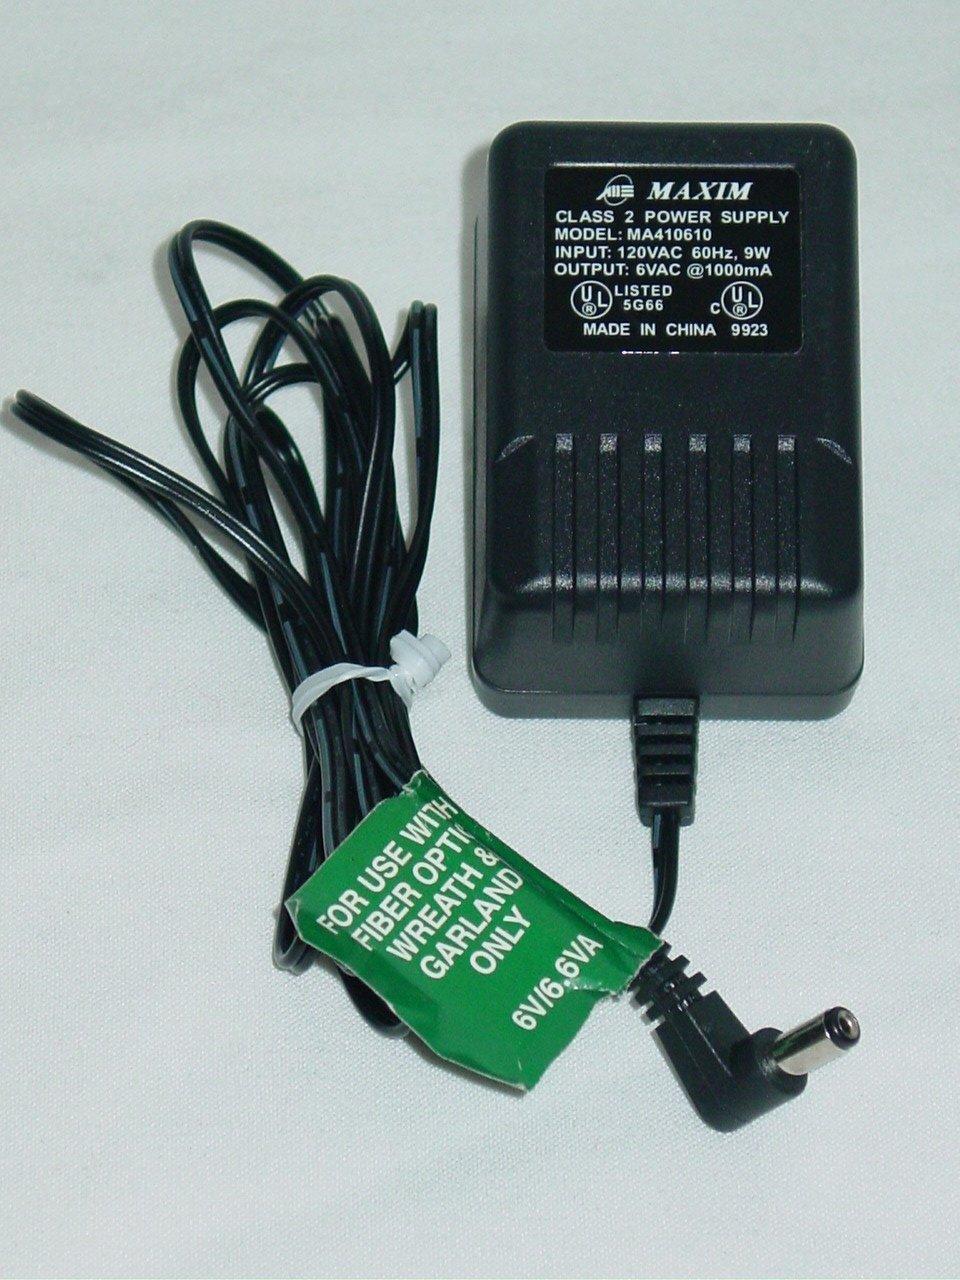 Maxim MA410610 AC Adapter 6VAC 1000mA